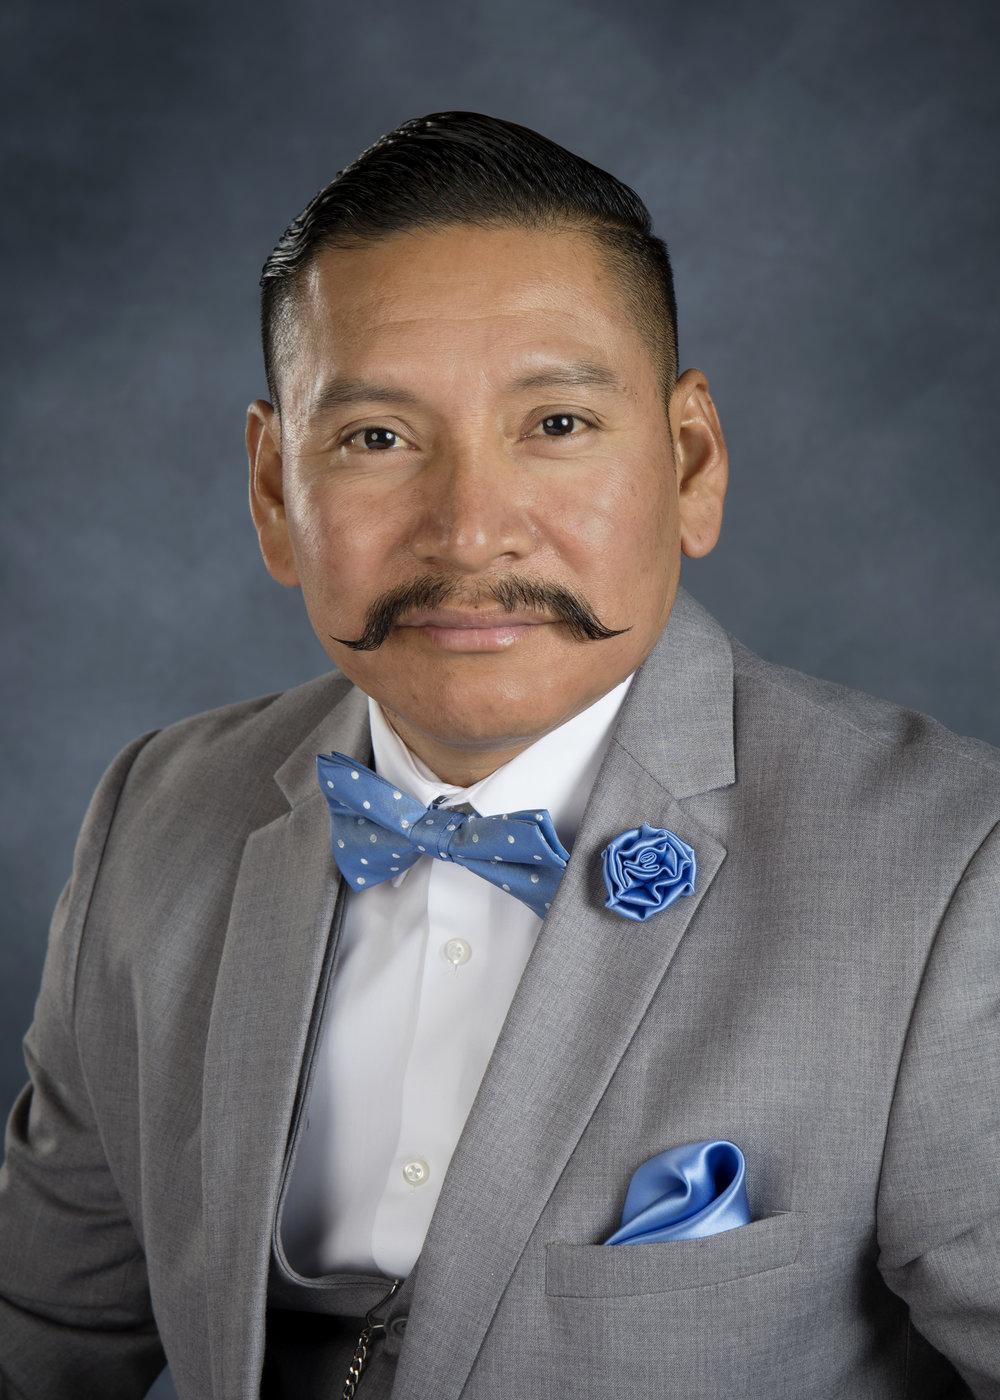 Evangelist Frankie Chi from Chandler, AZ